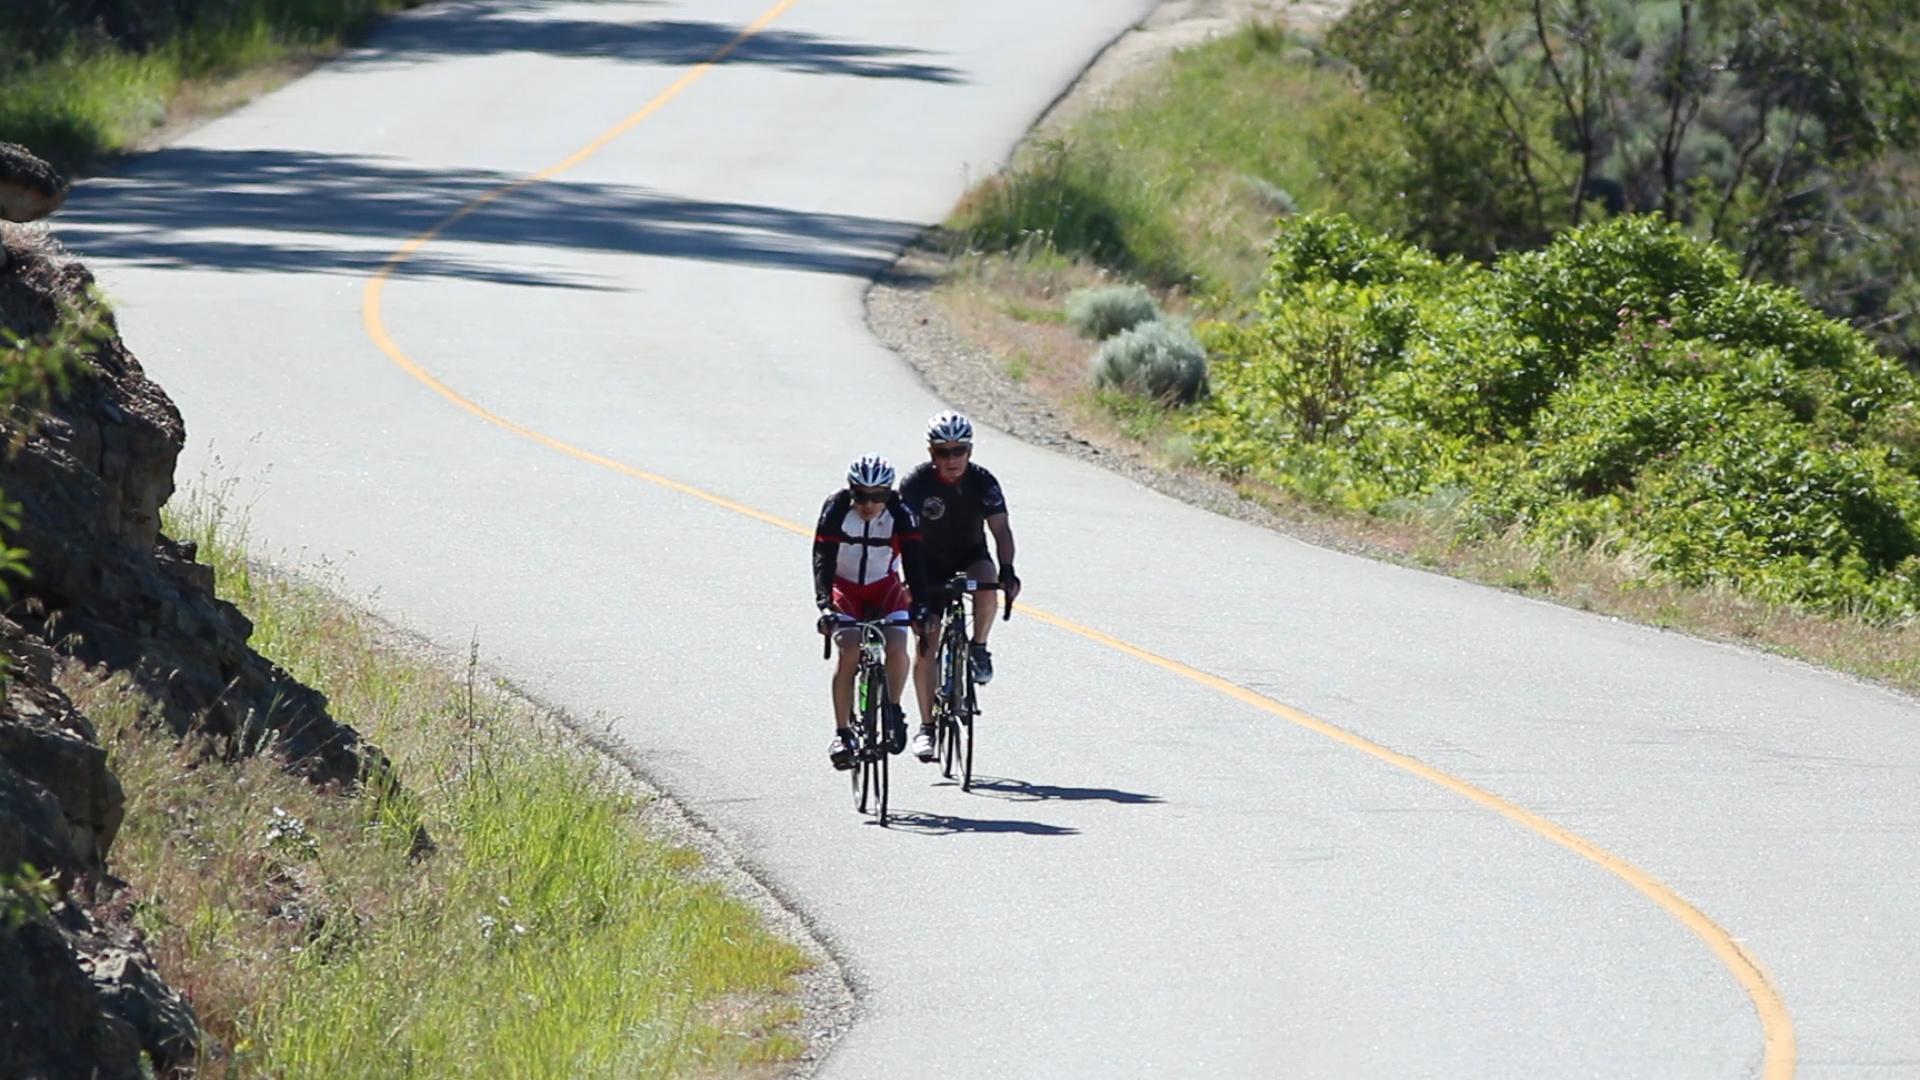 Cycling 2 naramata road.jpg